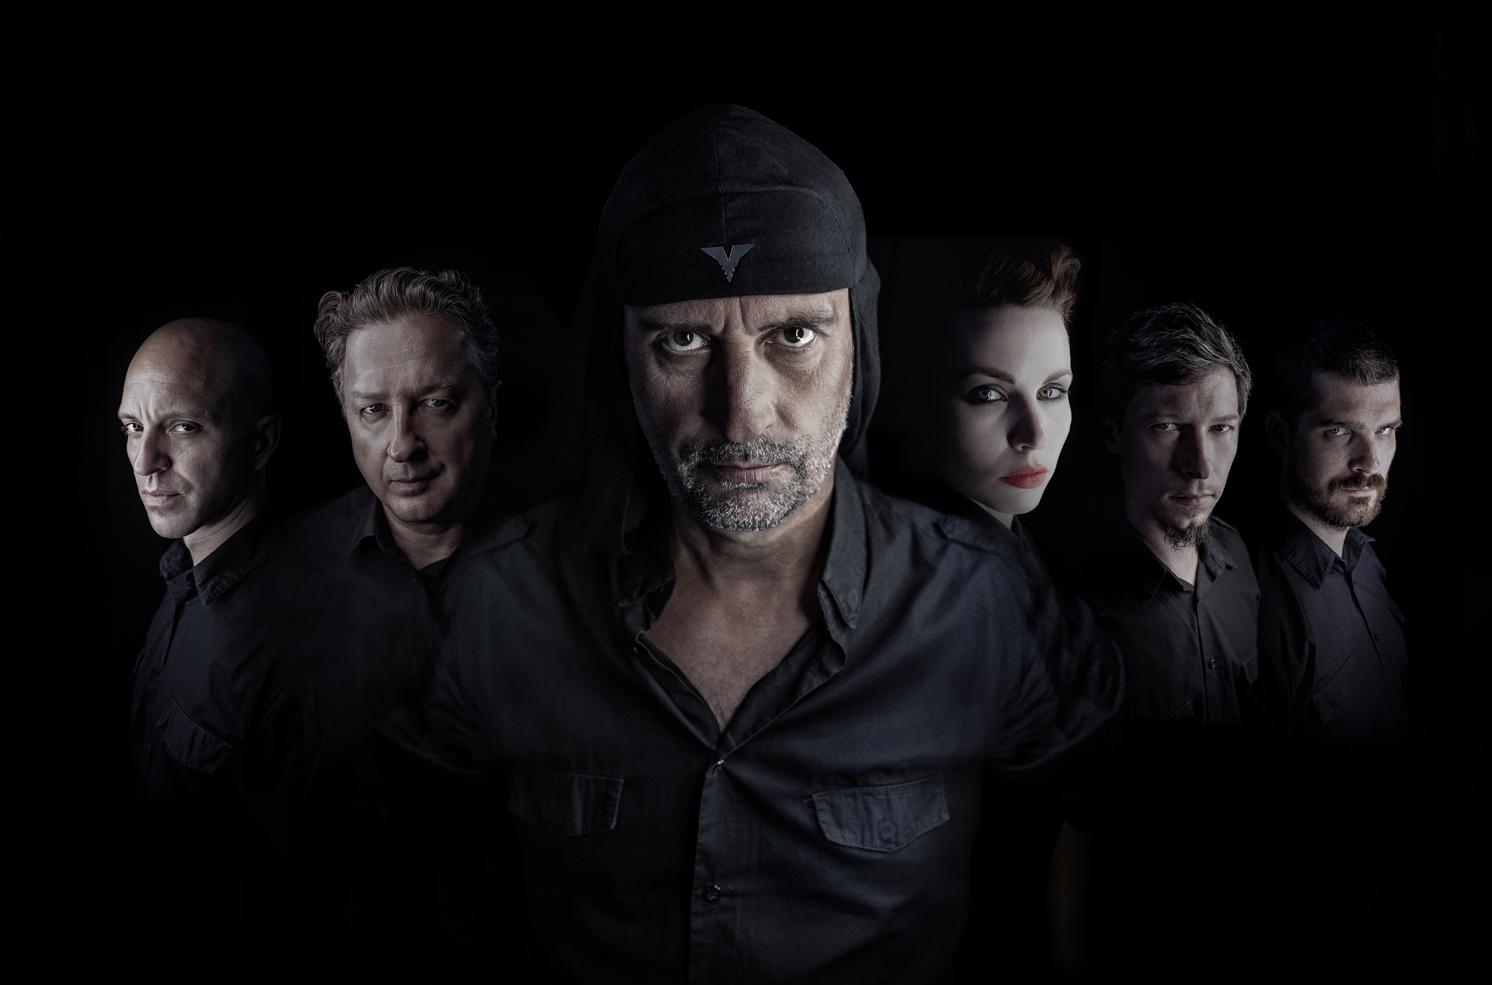 Künstlerkollektiv Laibach - die Bandmitglieder wissen die Vorzüge von Ljubljana zu schätzen